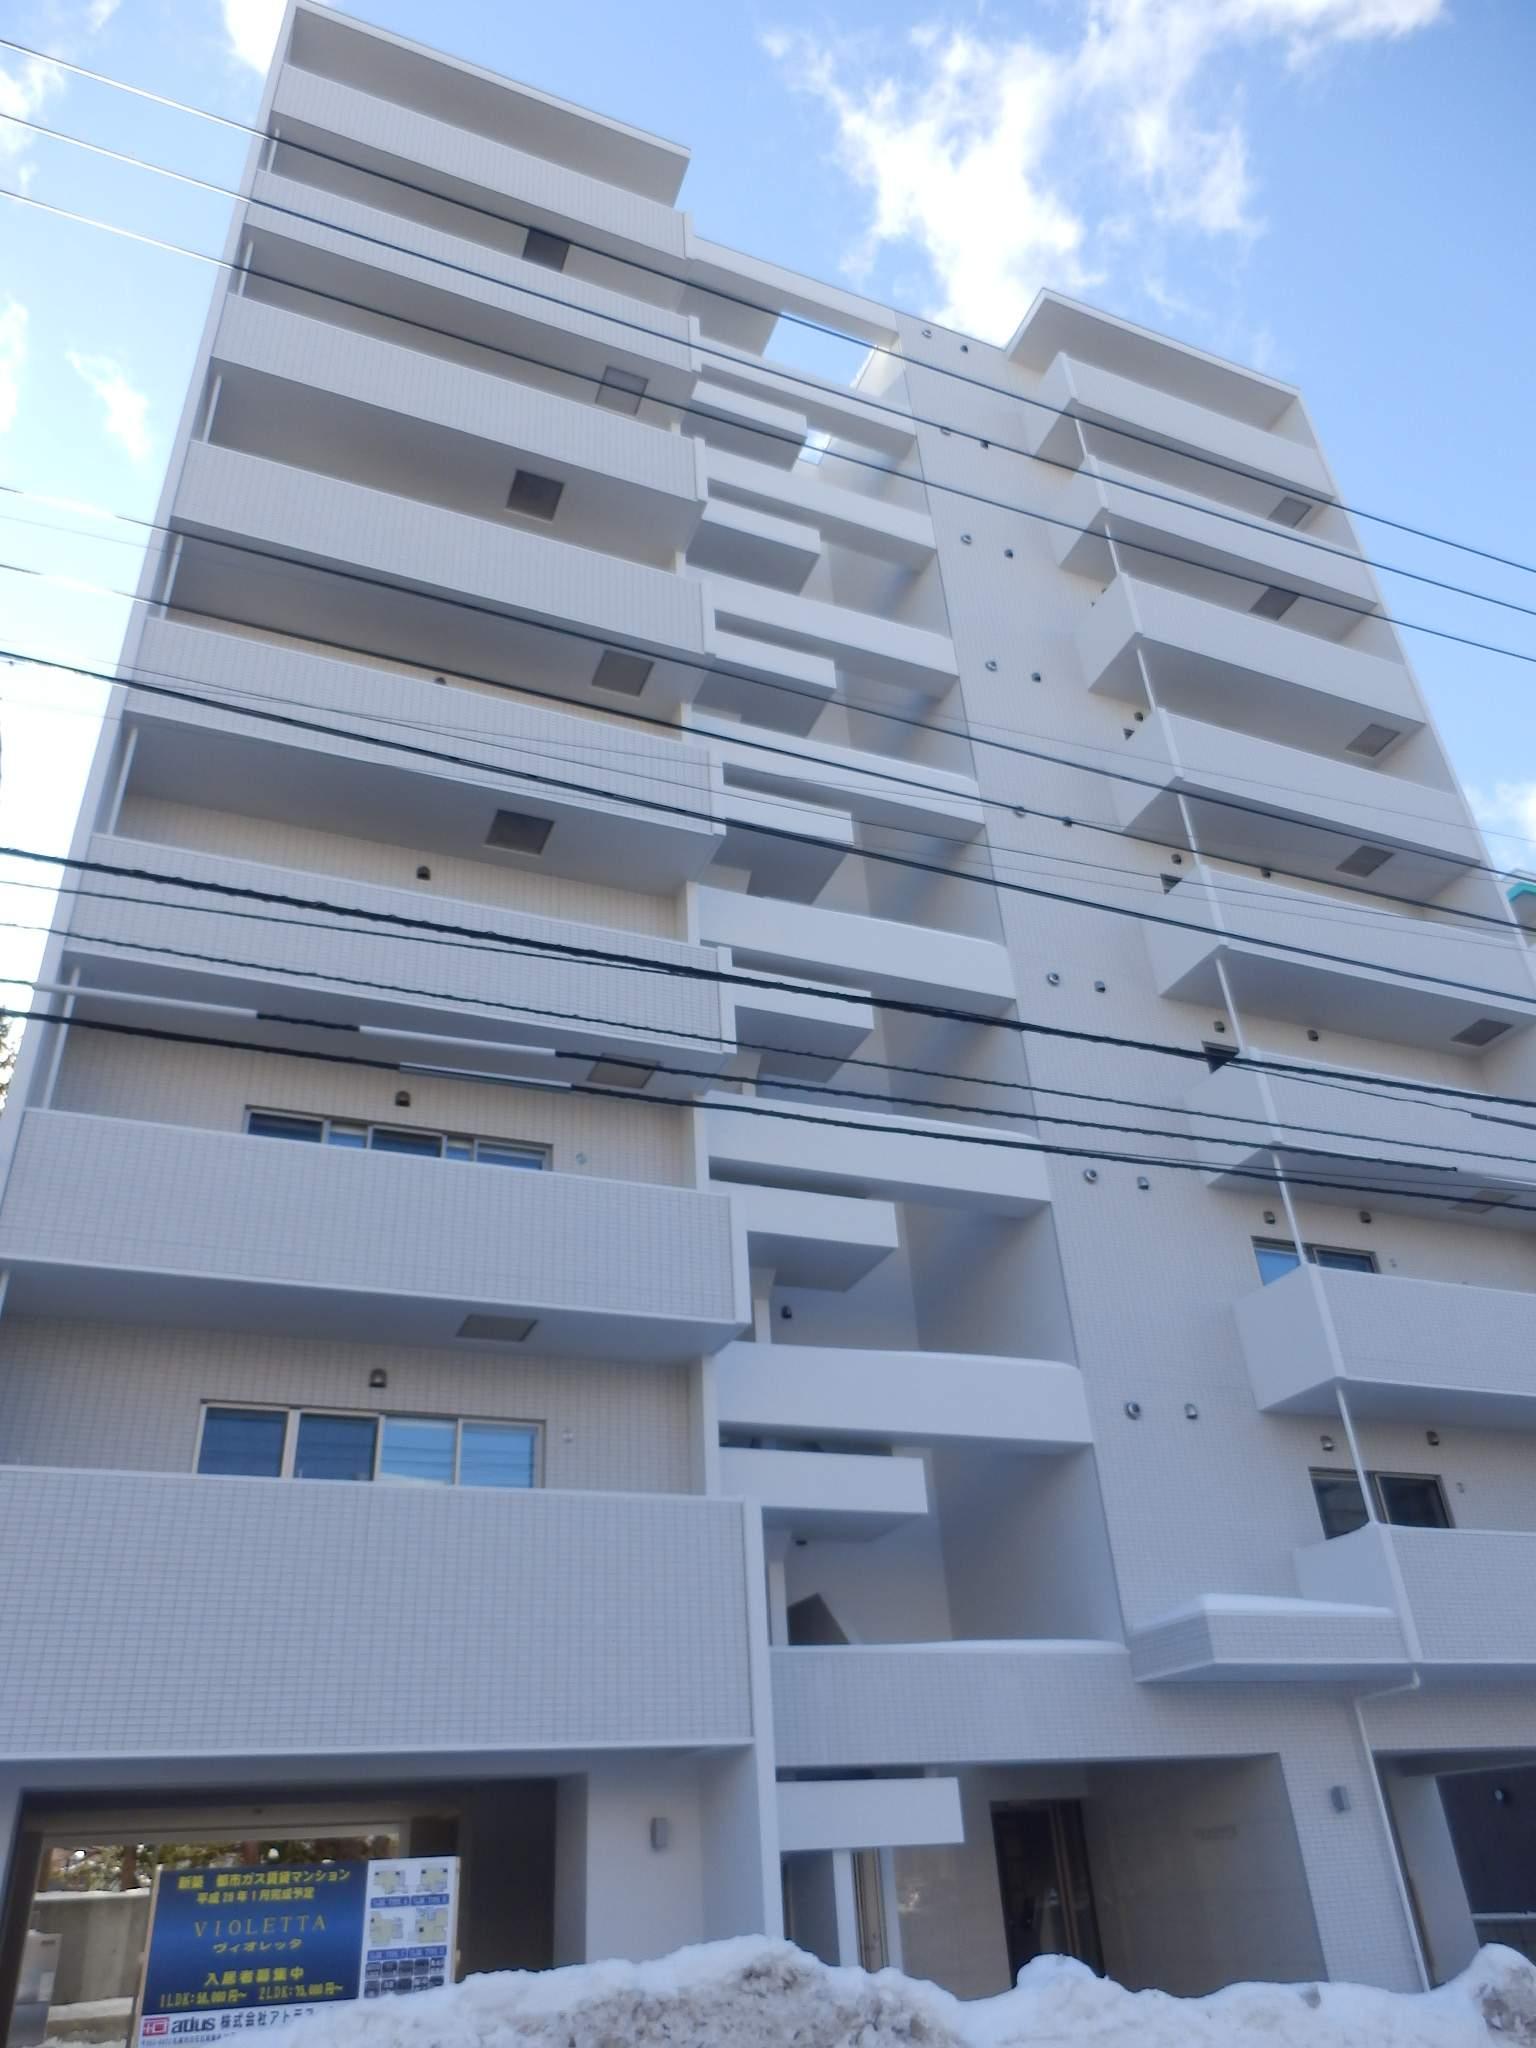 北海道札幌市中央区、苗穂駅徒歩12分の築1年 9階建の賃貸マンション